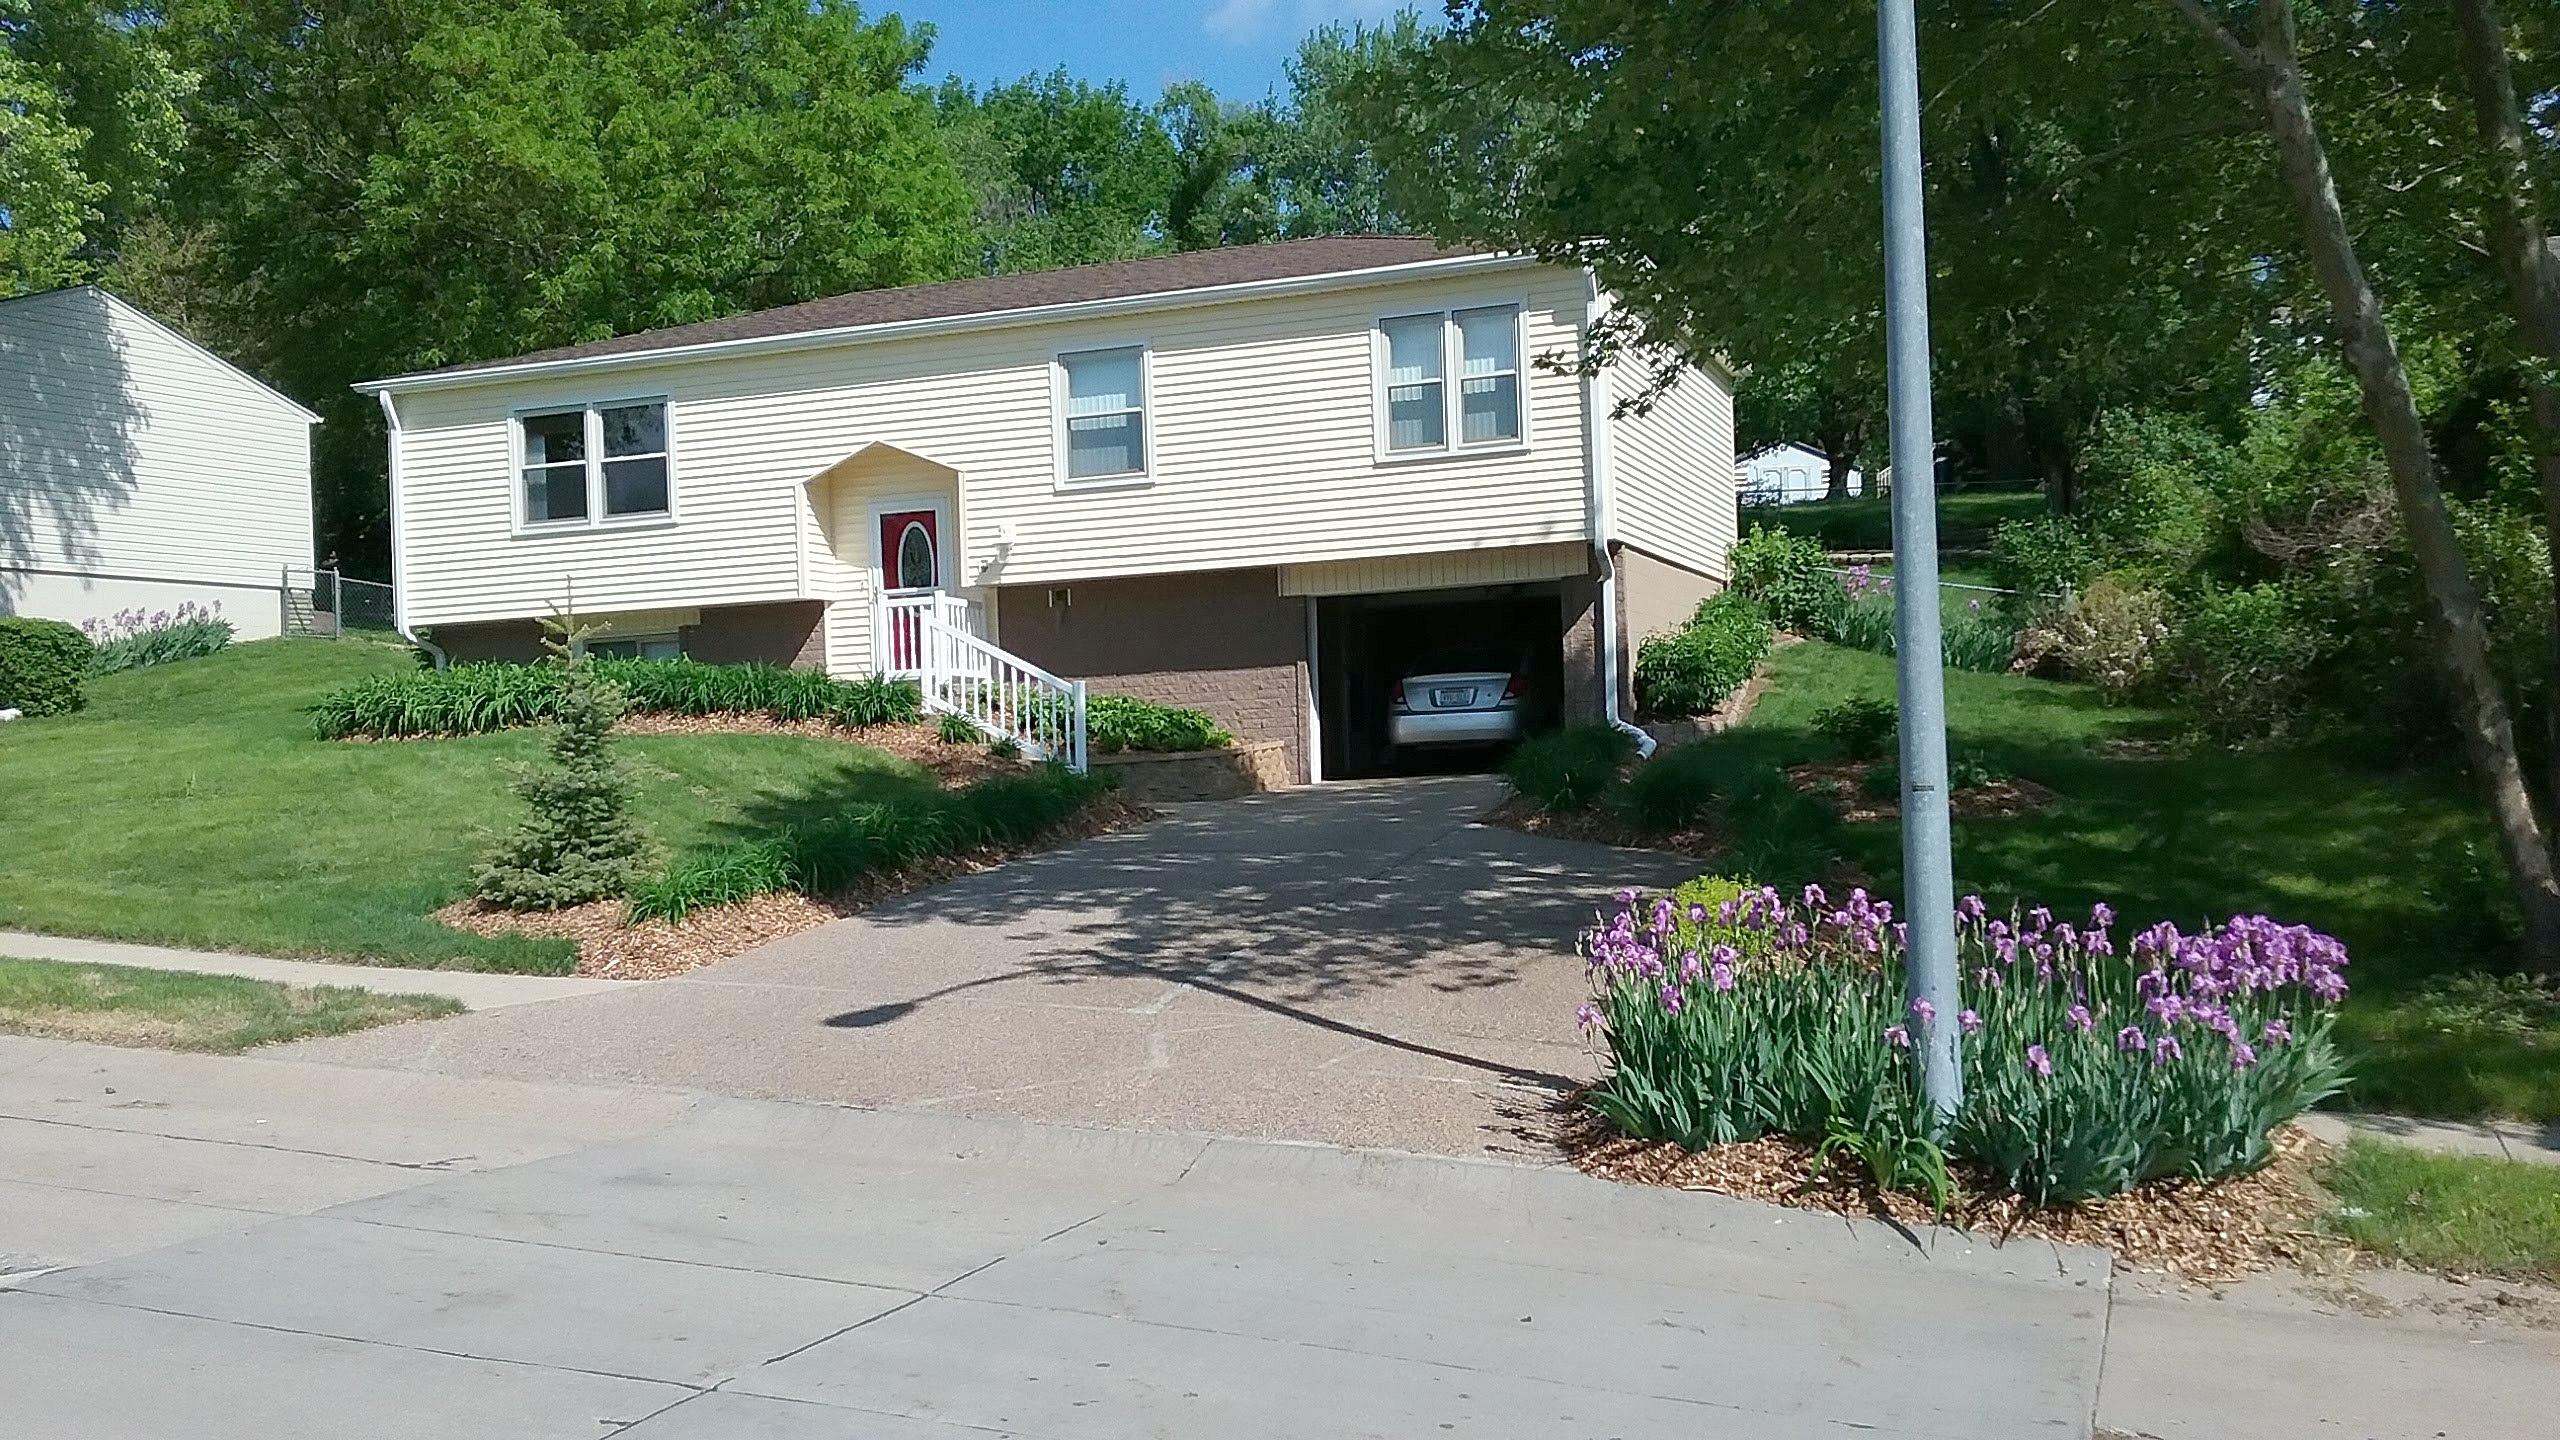 3 Bedrooms / 2 Bathrooms - Est. $1,333.00 / Month* for rent in Elkhorn, NE